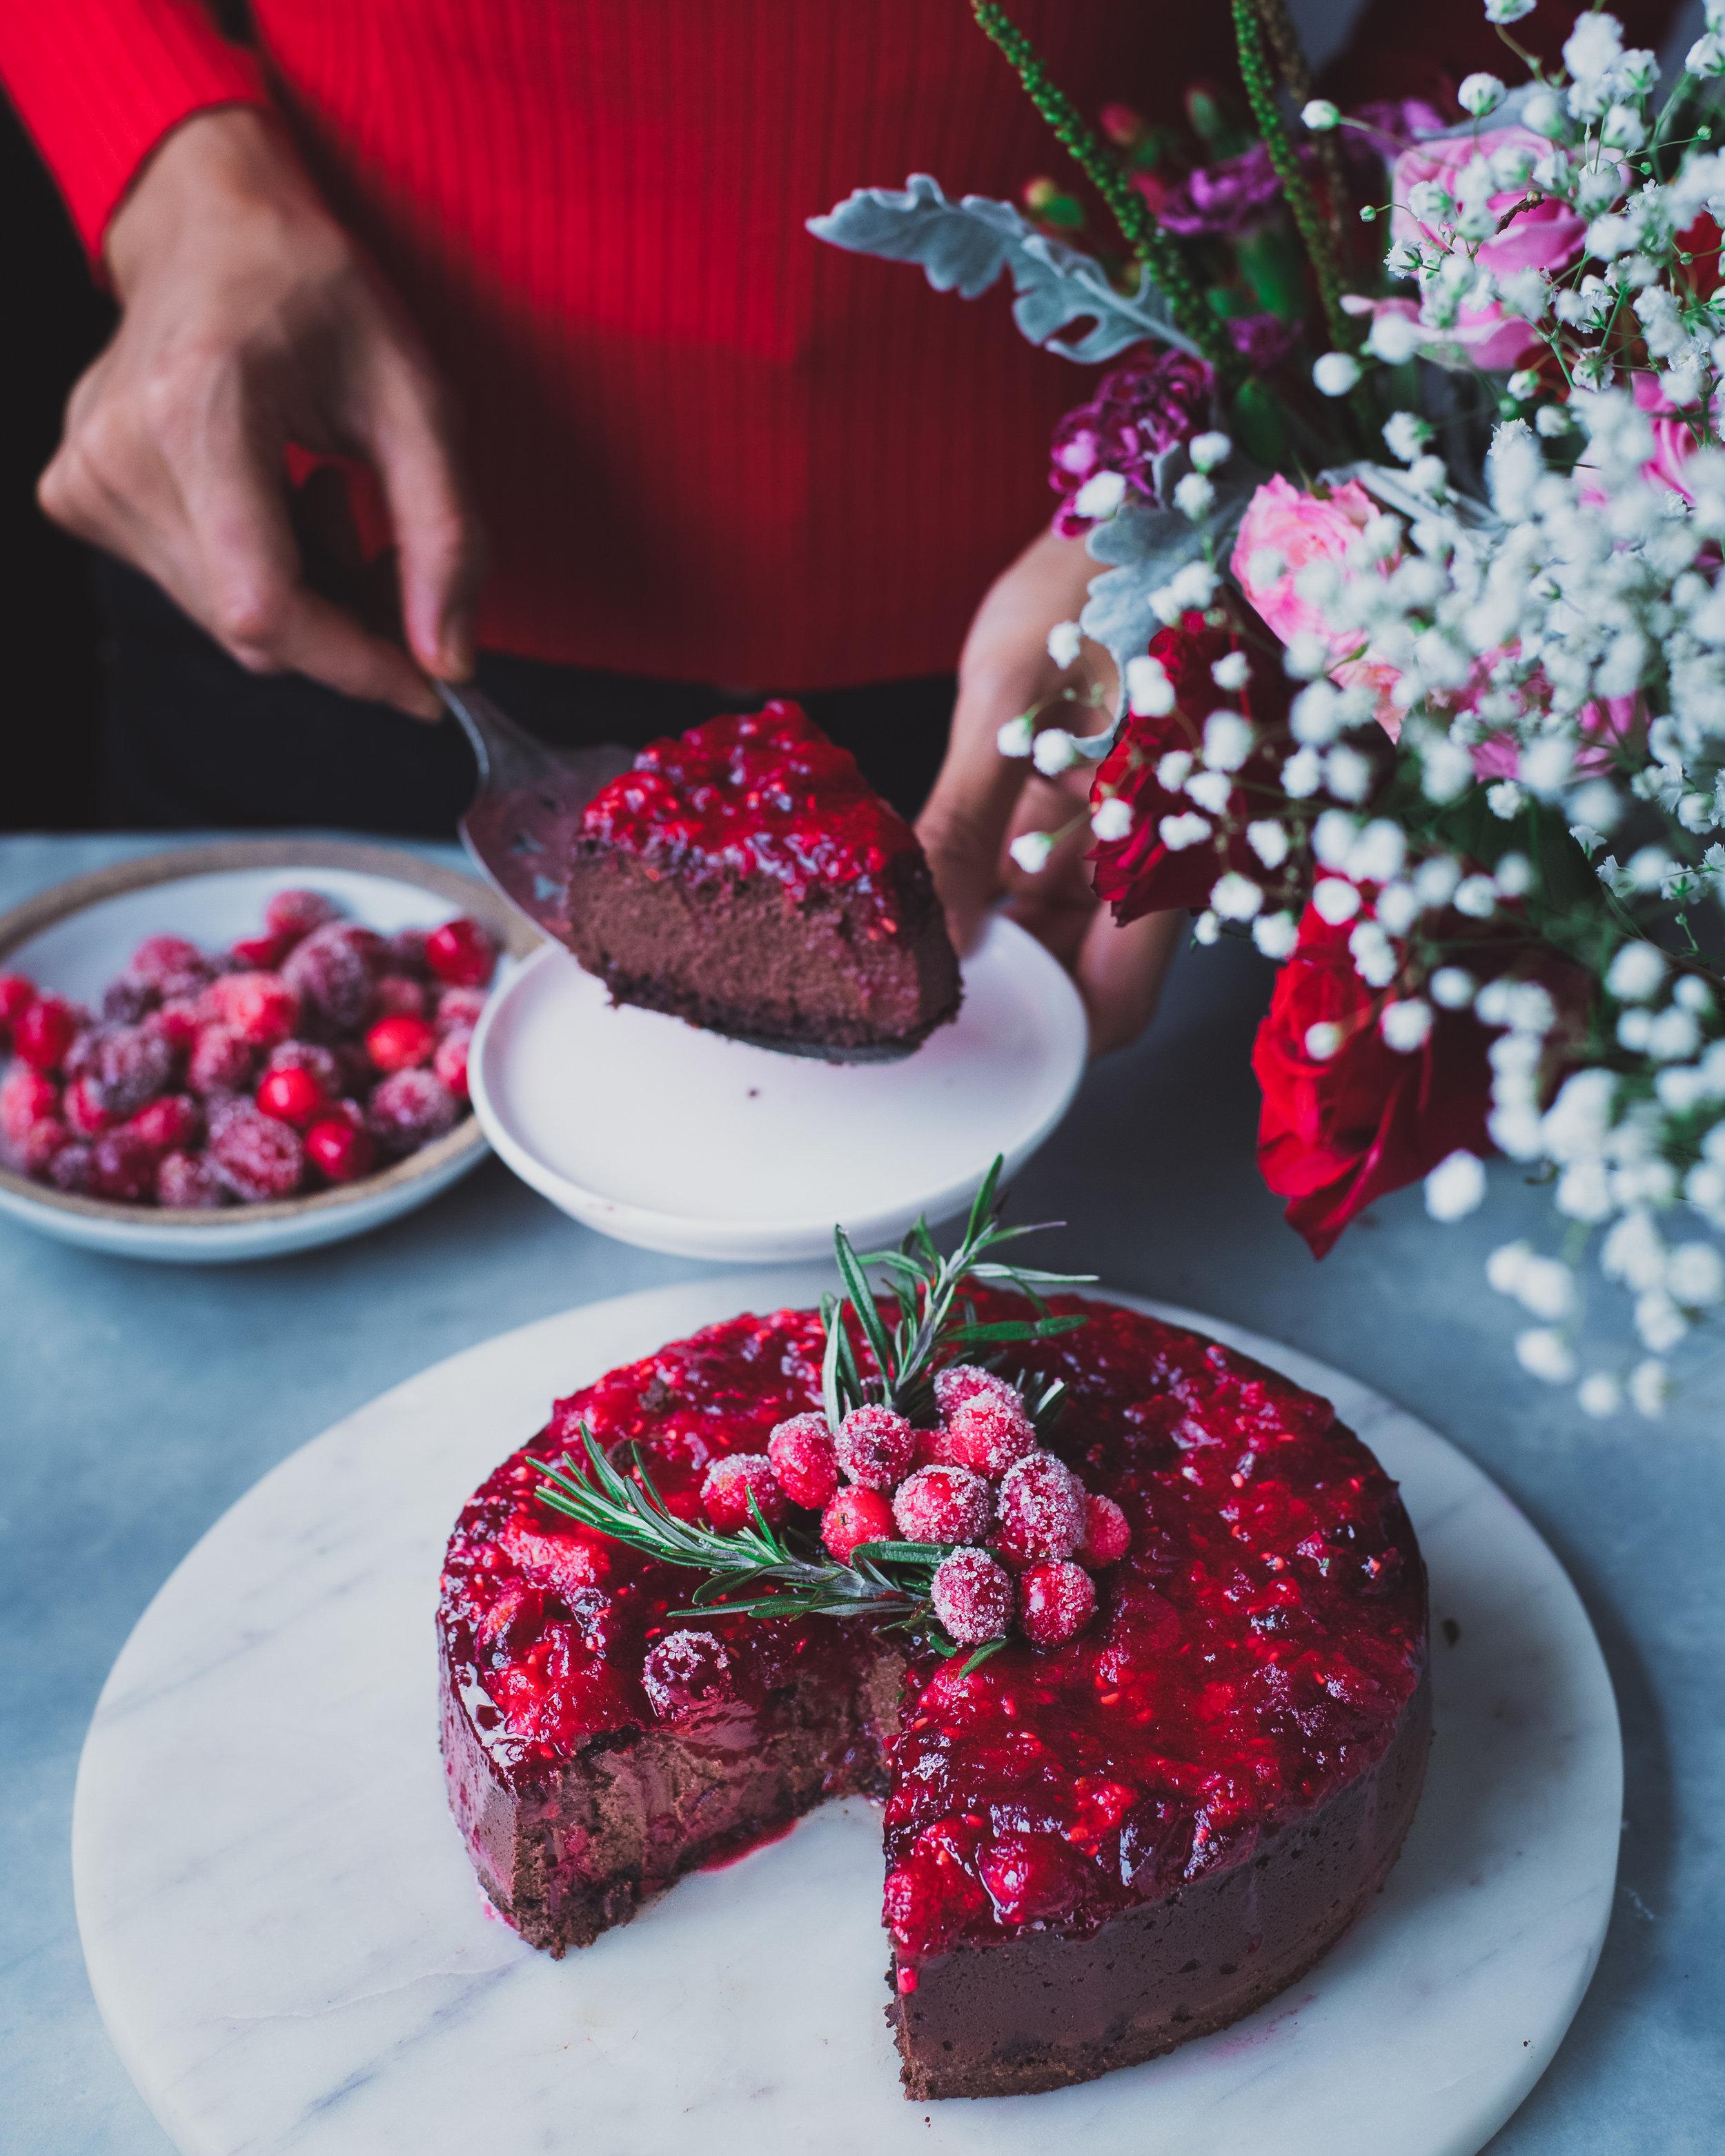 Baked Vegan Chocolate Cheesecake